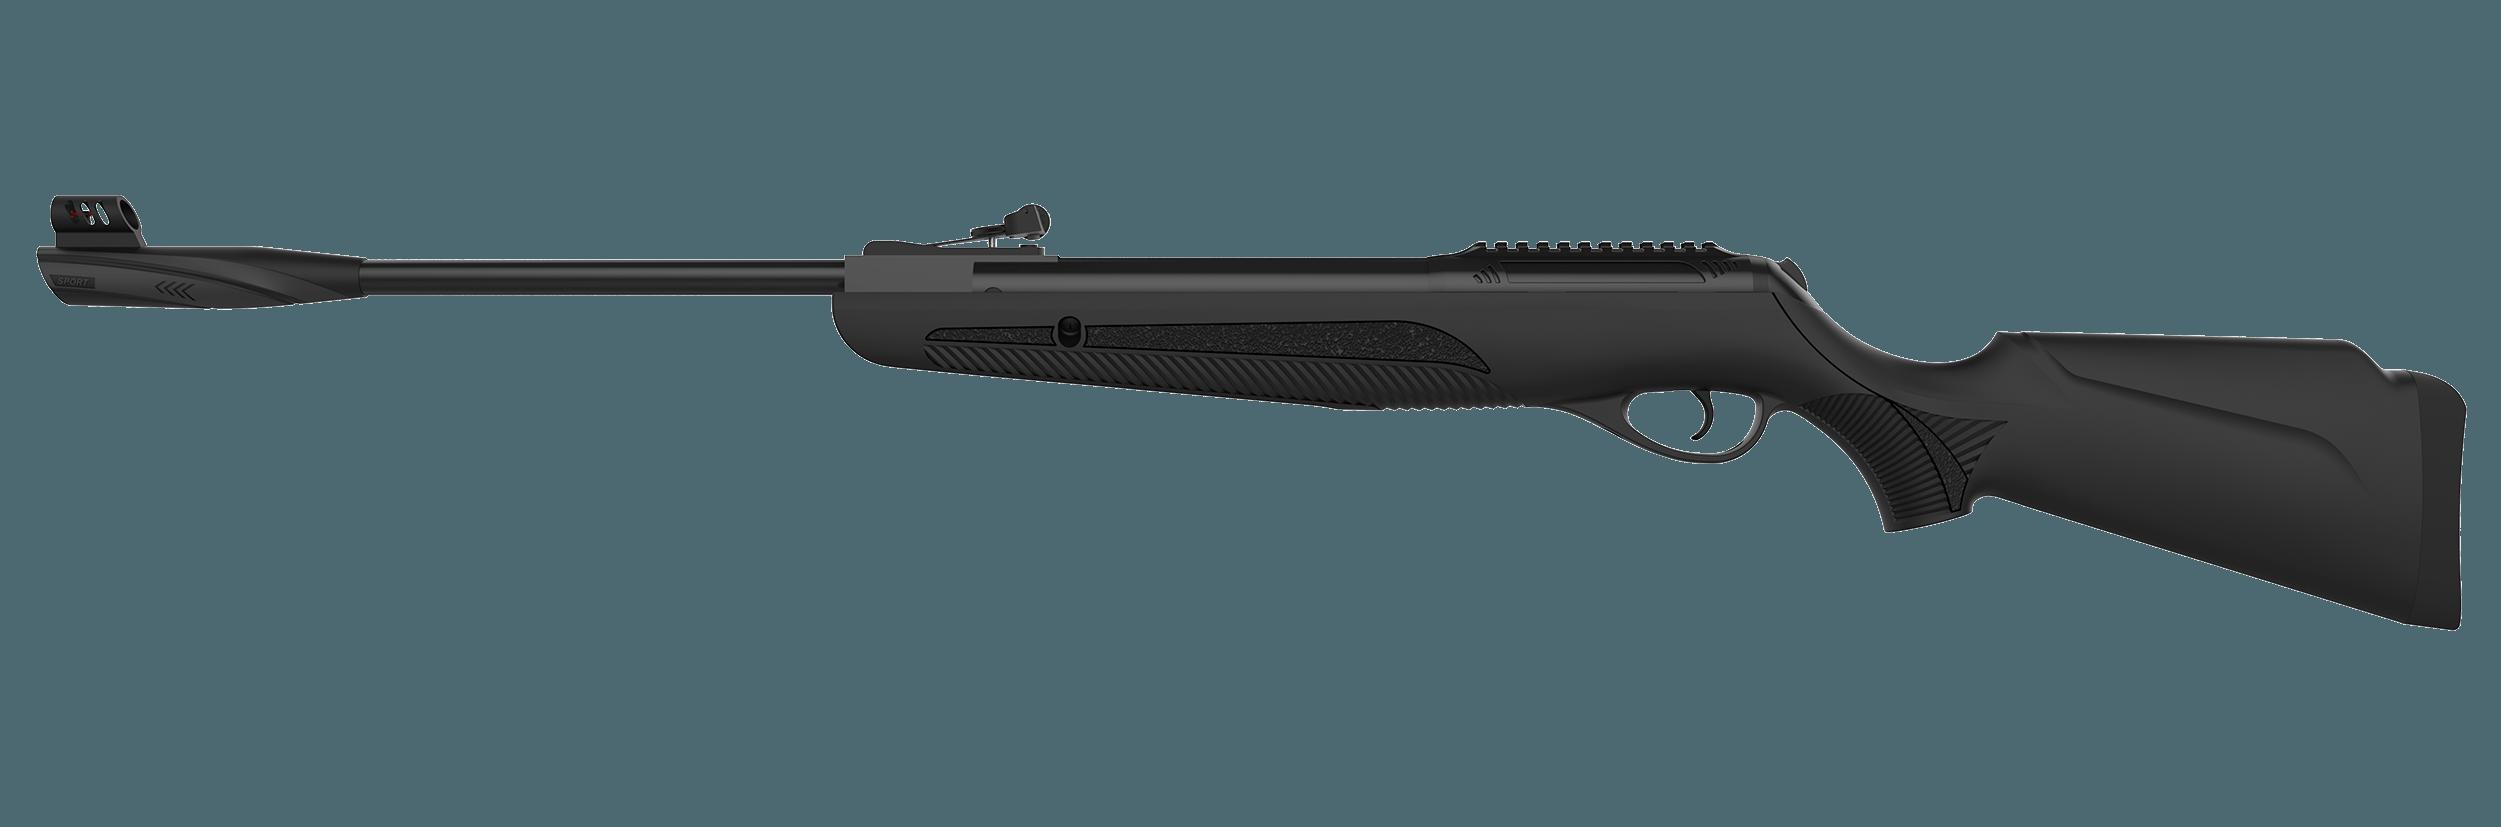 Billede af Retay 125X 4,5 mm Luftgevær, Sort